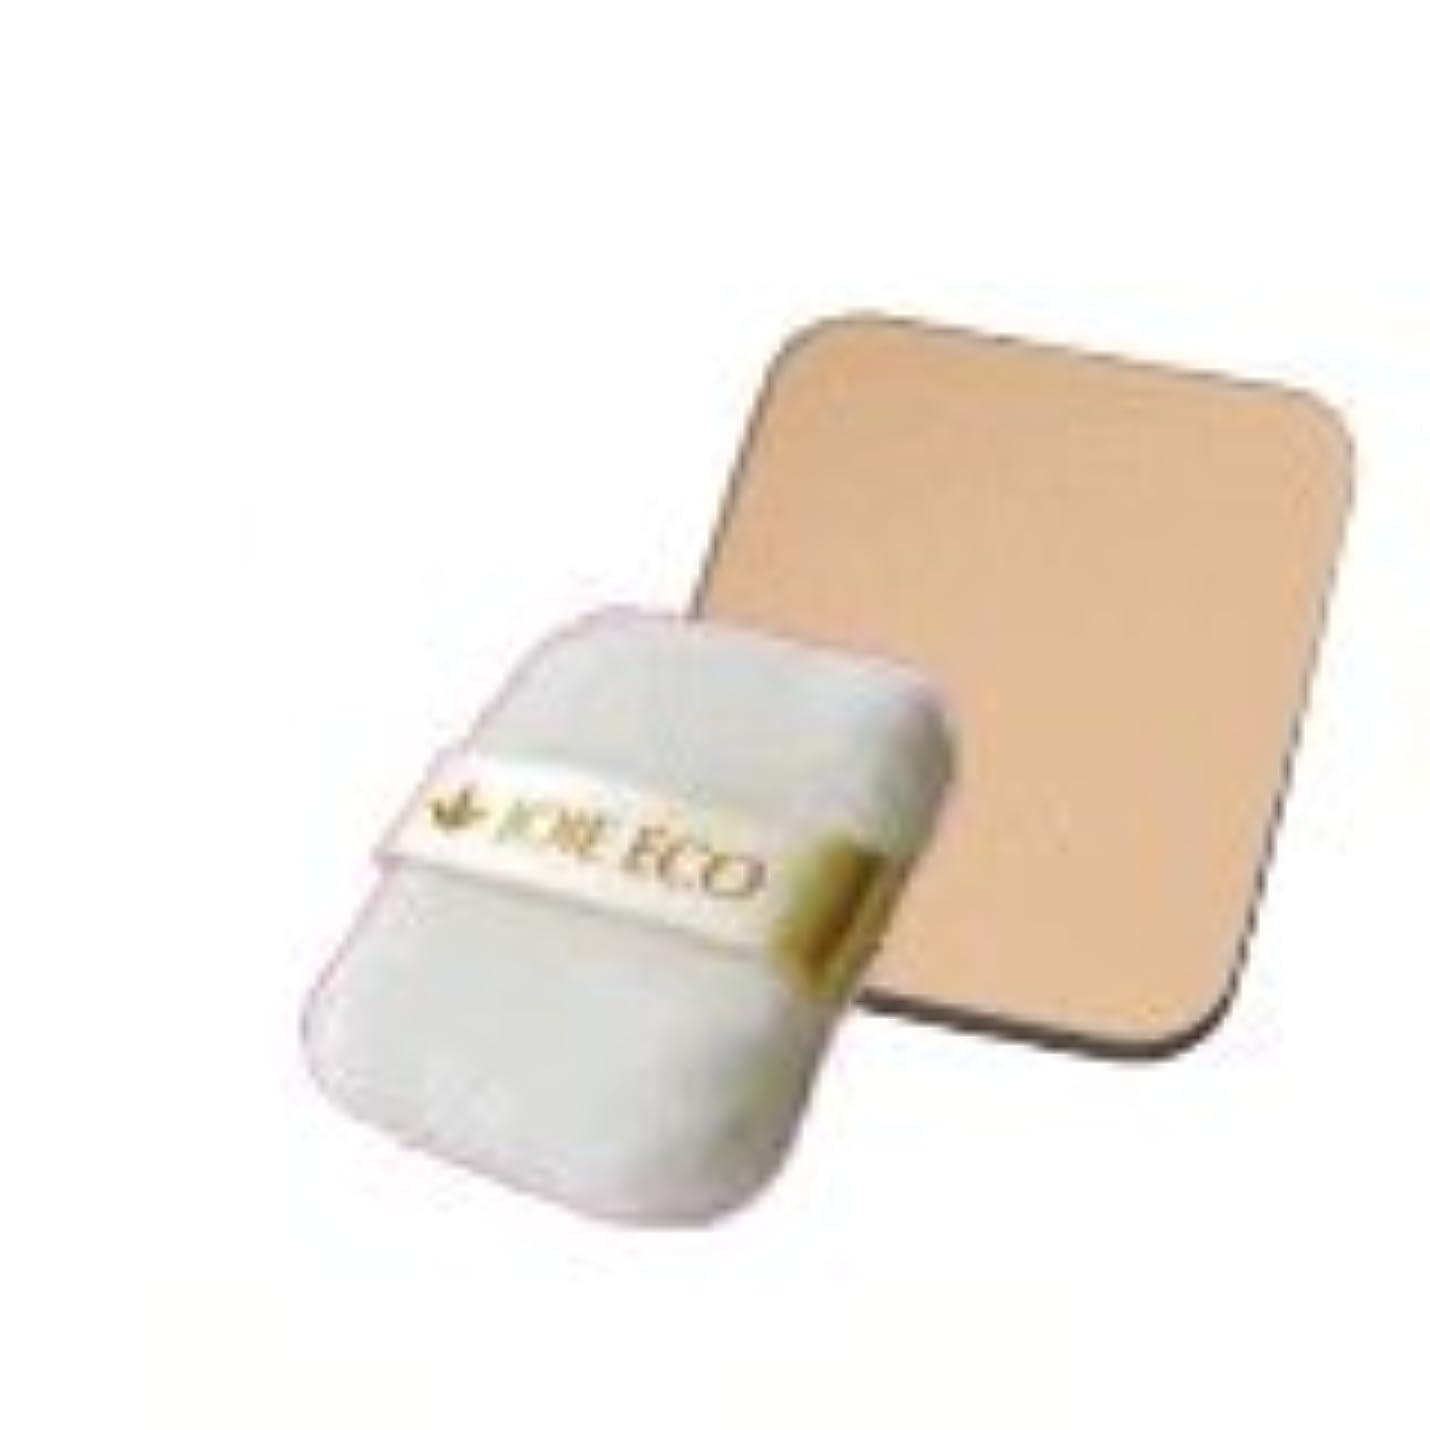 拮抗迷彩心からビーバンジョア ジョアエコ411Y UV光リフレクトパウダー リフィル/パフ付き 11g(ふわパフ付き)